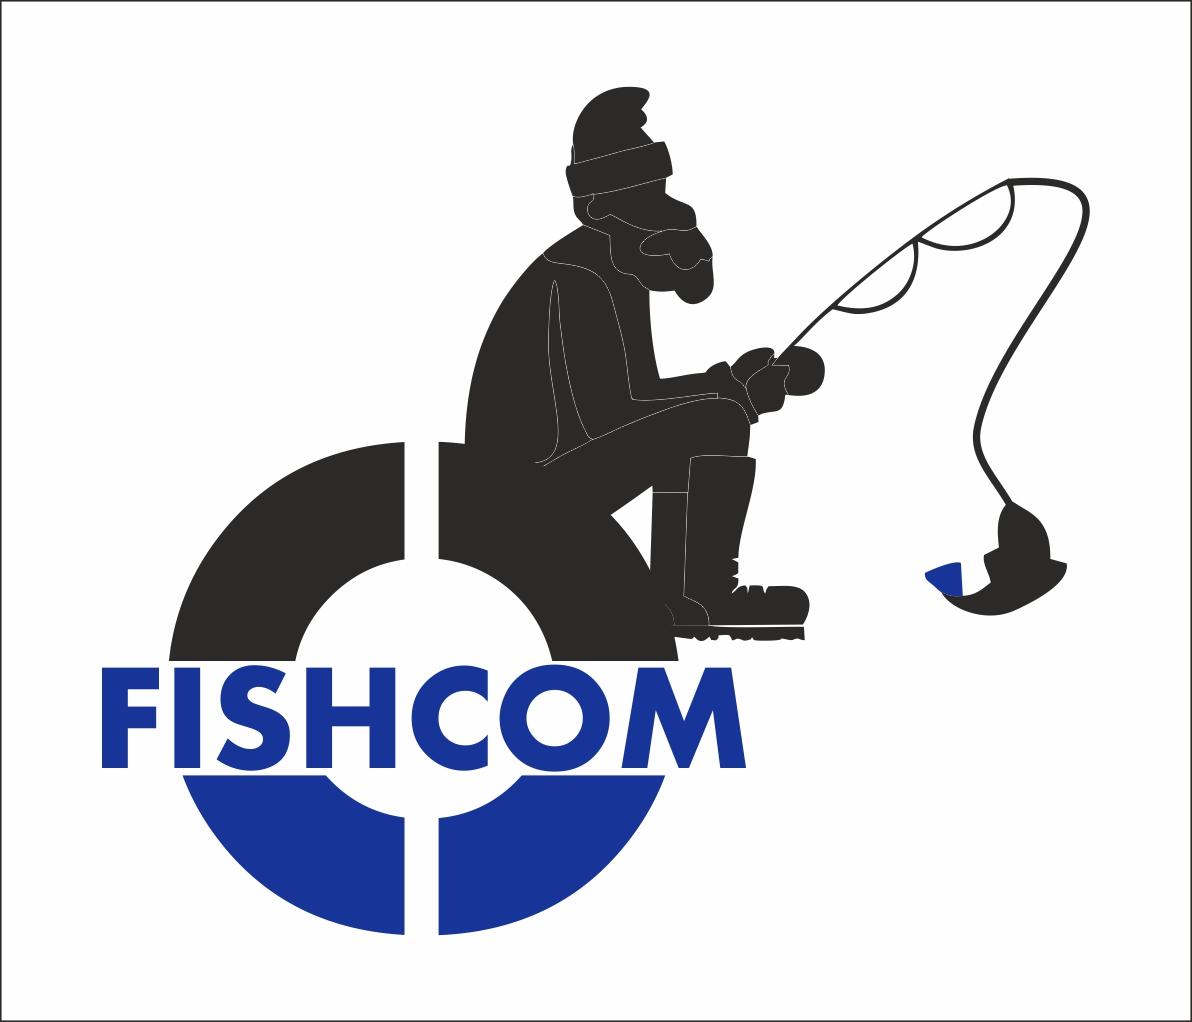 Создание логотипа и брэндбука для компании РЫБКОМ фото f_5235c19db22302da.jpg